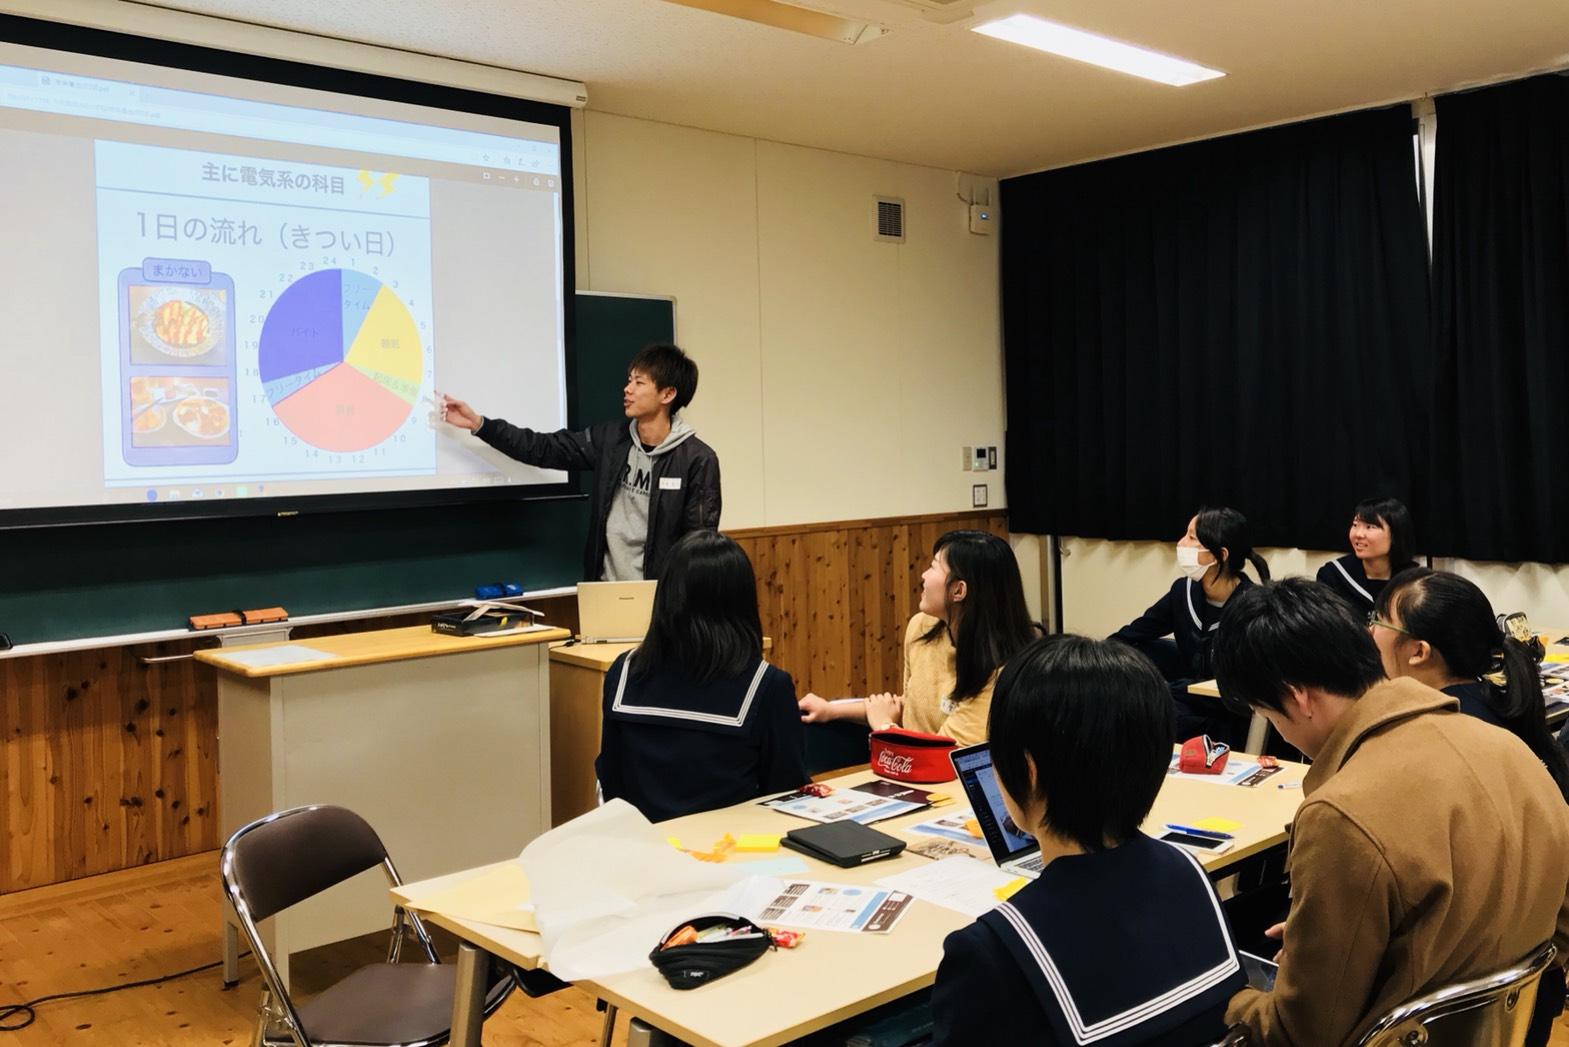 大学生が八代高校の生徒に向けて日常生活についての発表をしています